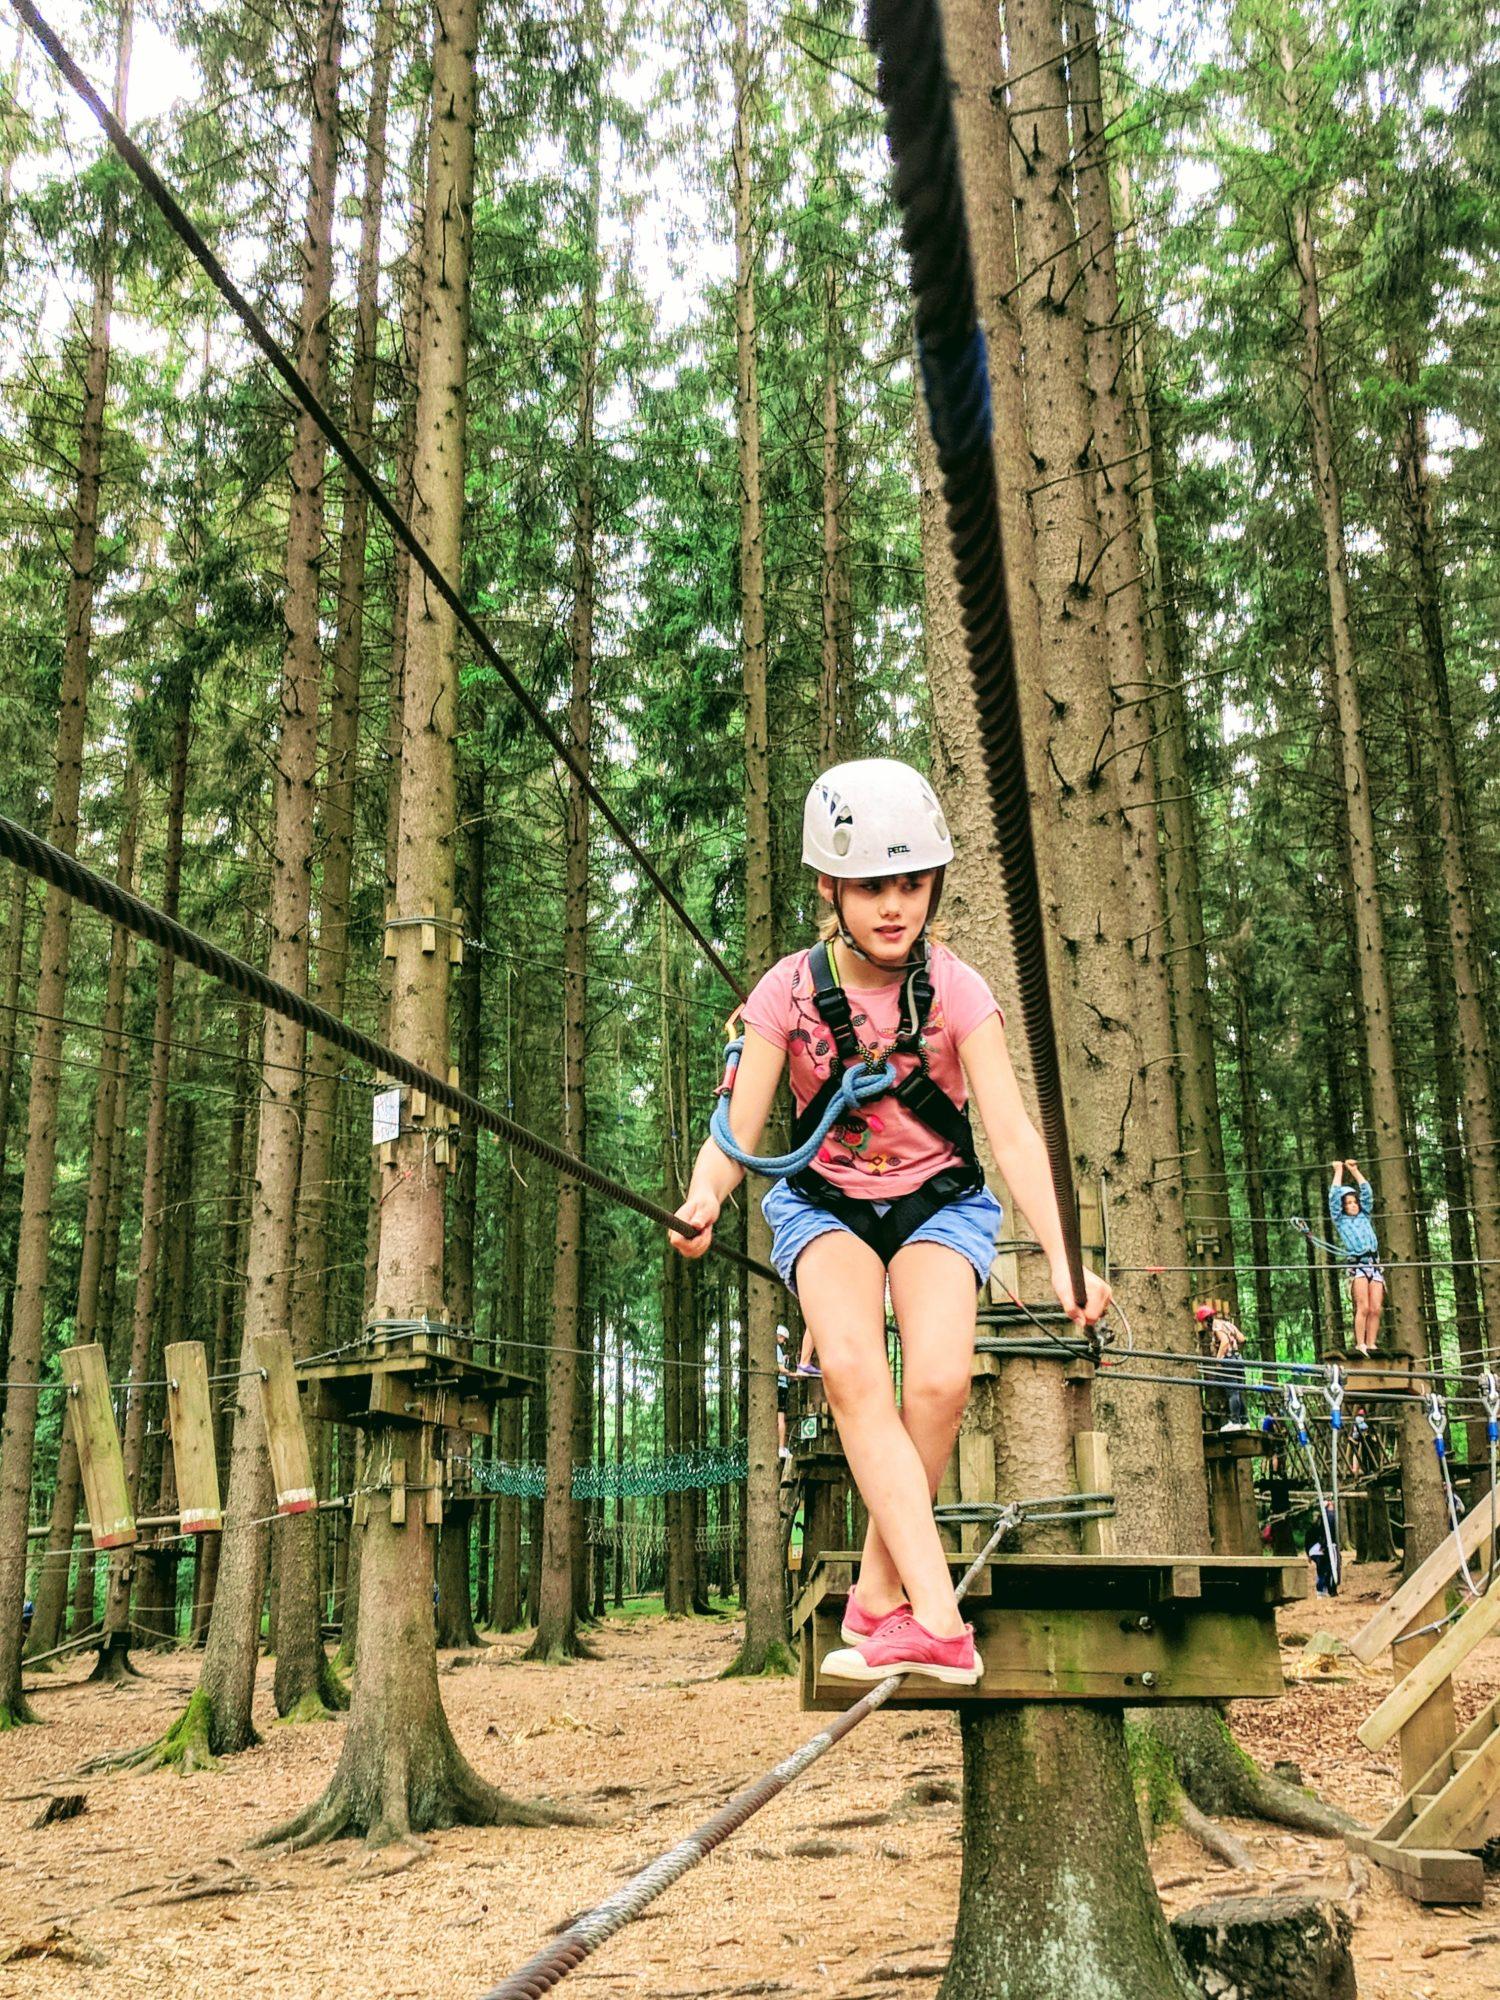 Nouvelle aventure dans l'accrobranche du parc Forestia